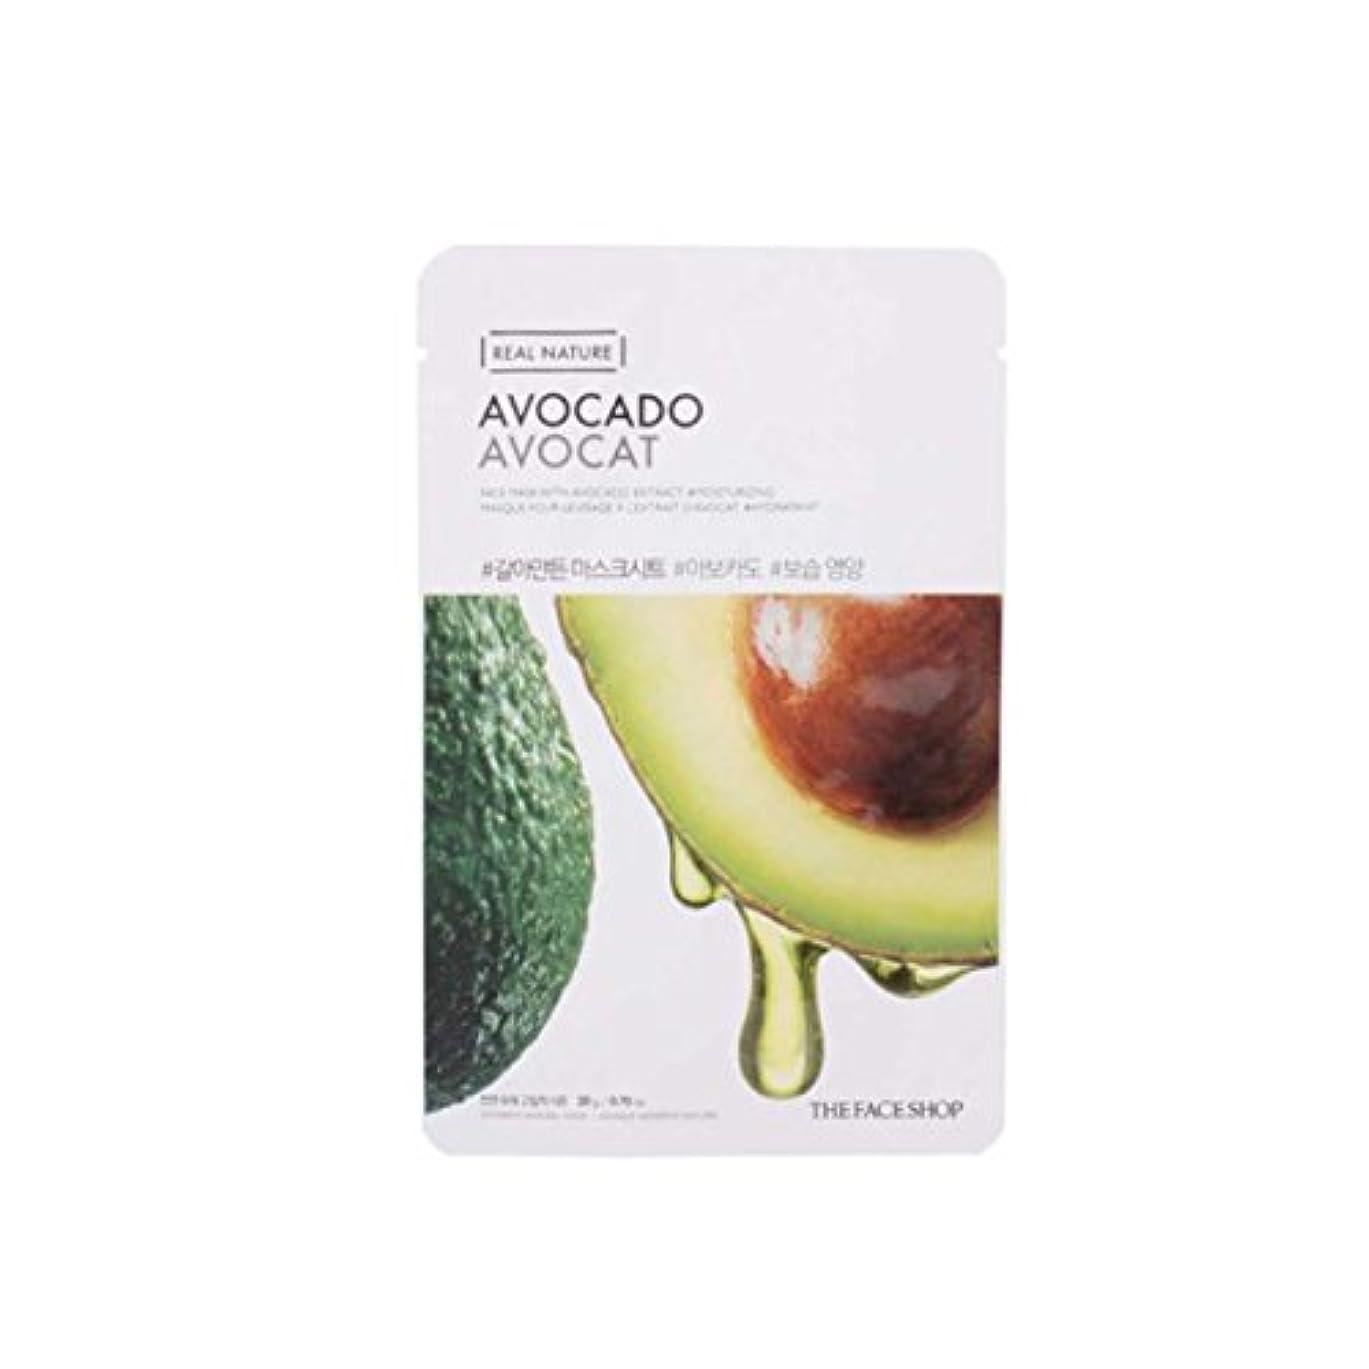 掃除造船群衆[The Face Shop] ザフェイスショップ リアルネイチャーマスクシート Real Nature Mask Sheet (Avocado (アボカド) 10個) [並行輸入品]